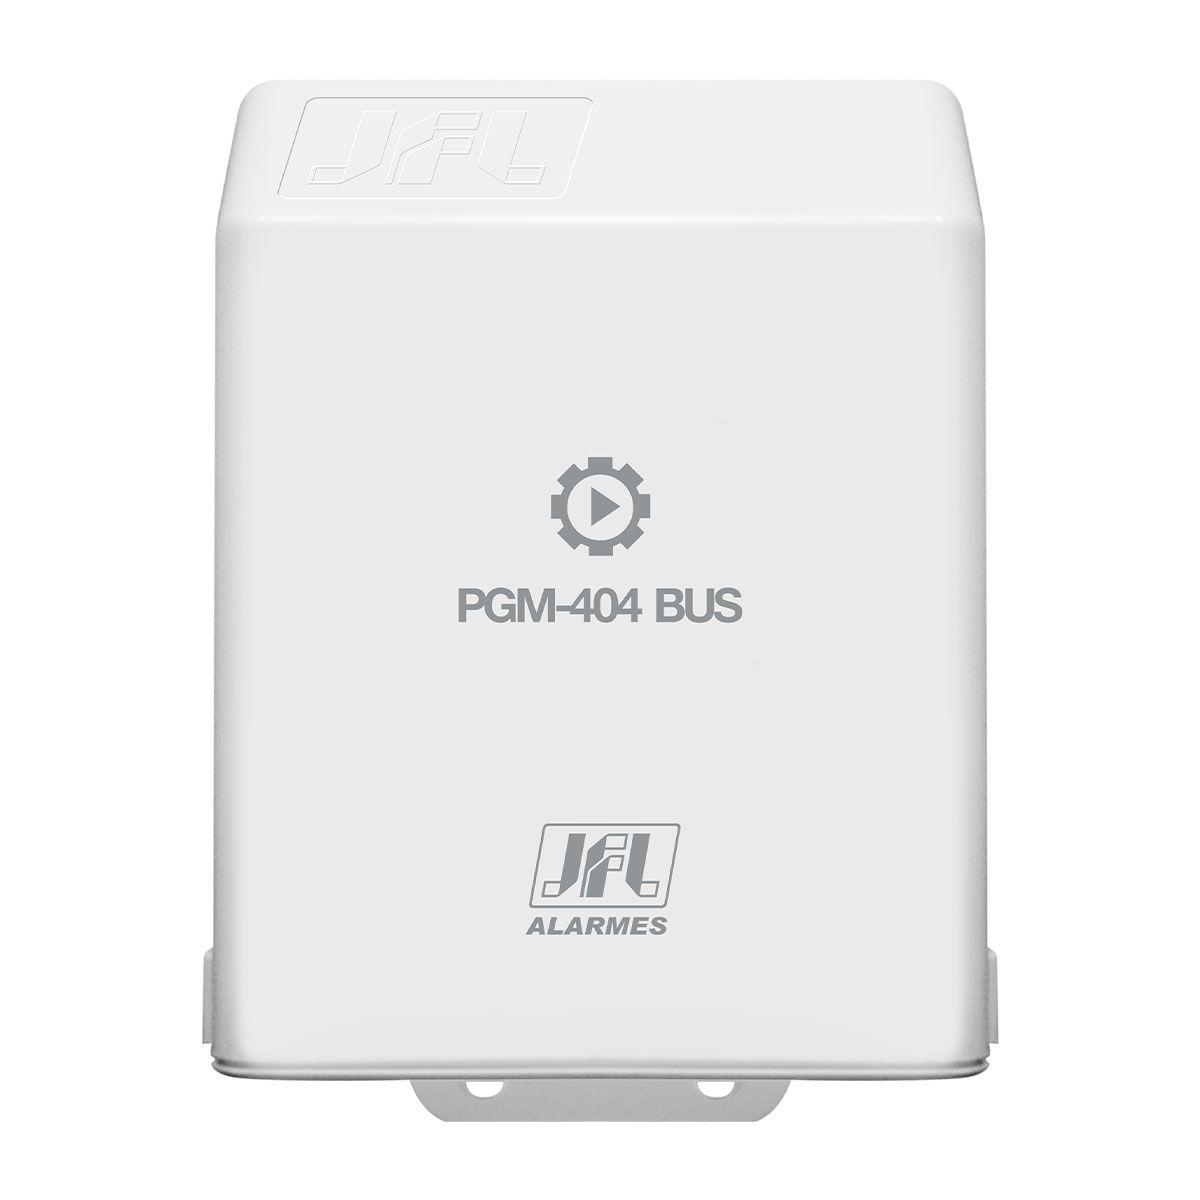 Modulo Pgm Com Tecnologia Bus 4 Saidas Pgm 404 Bus Jfl